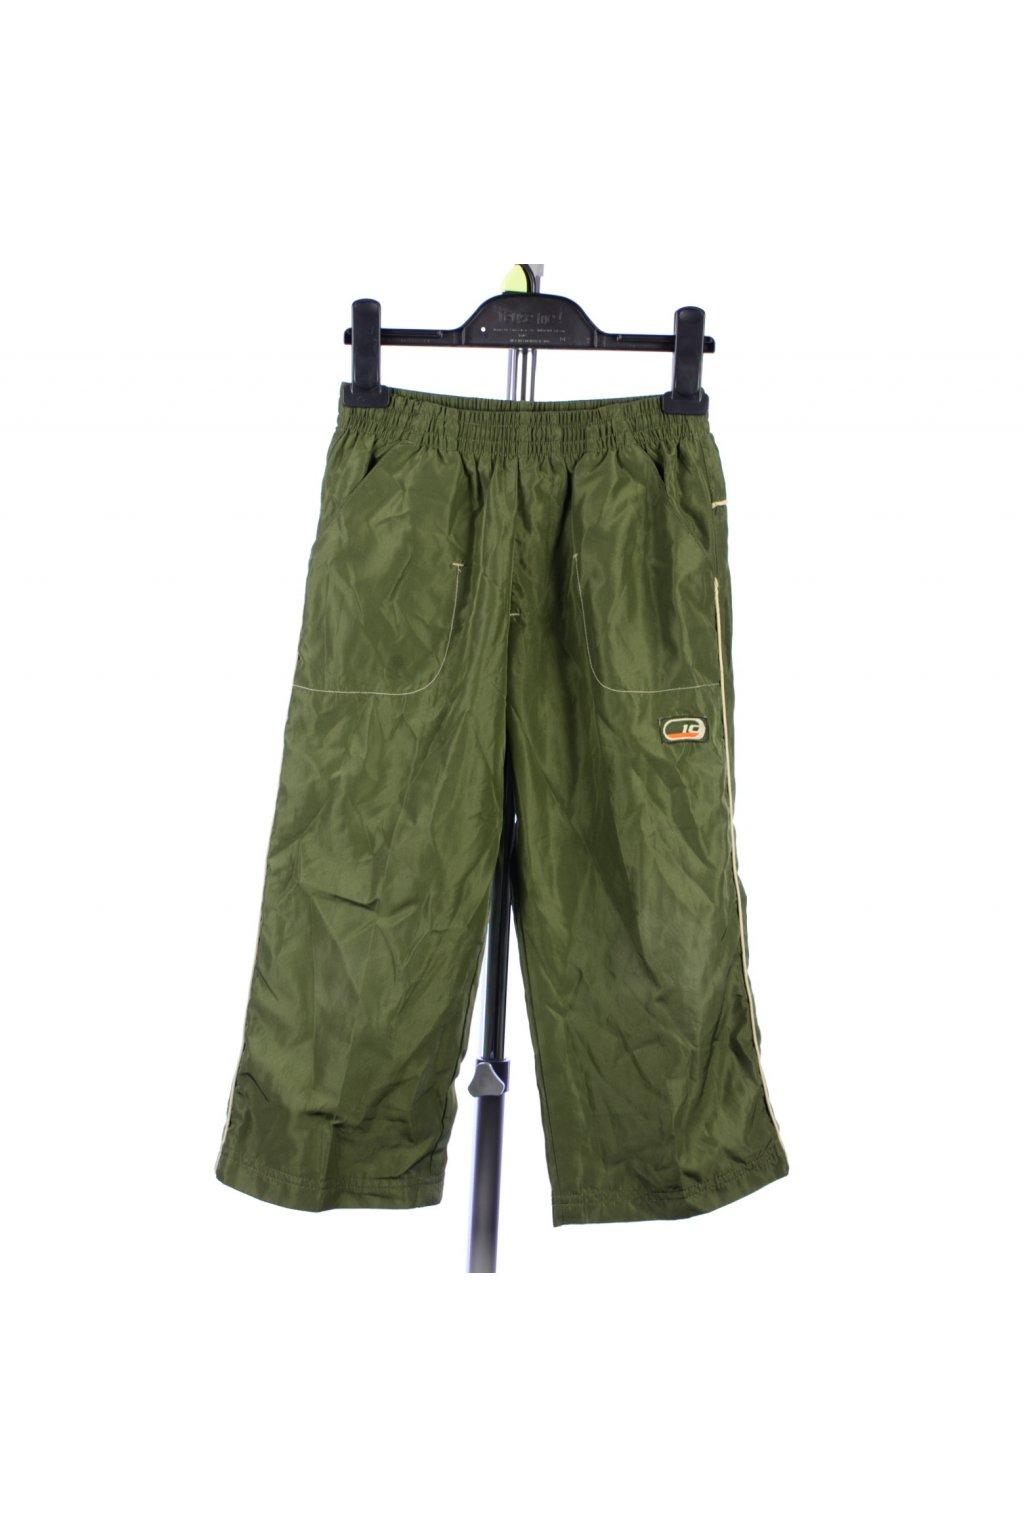 Kalhoty šusťákové se síťovanou podšívkou Alive vel. 128